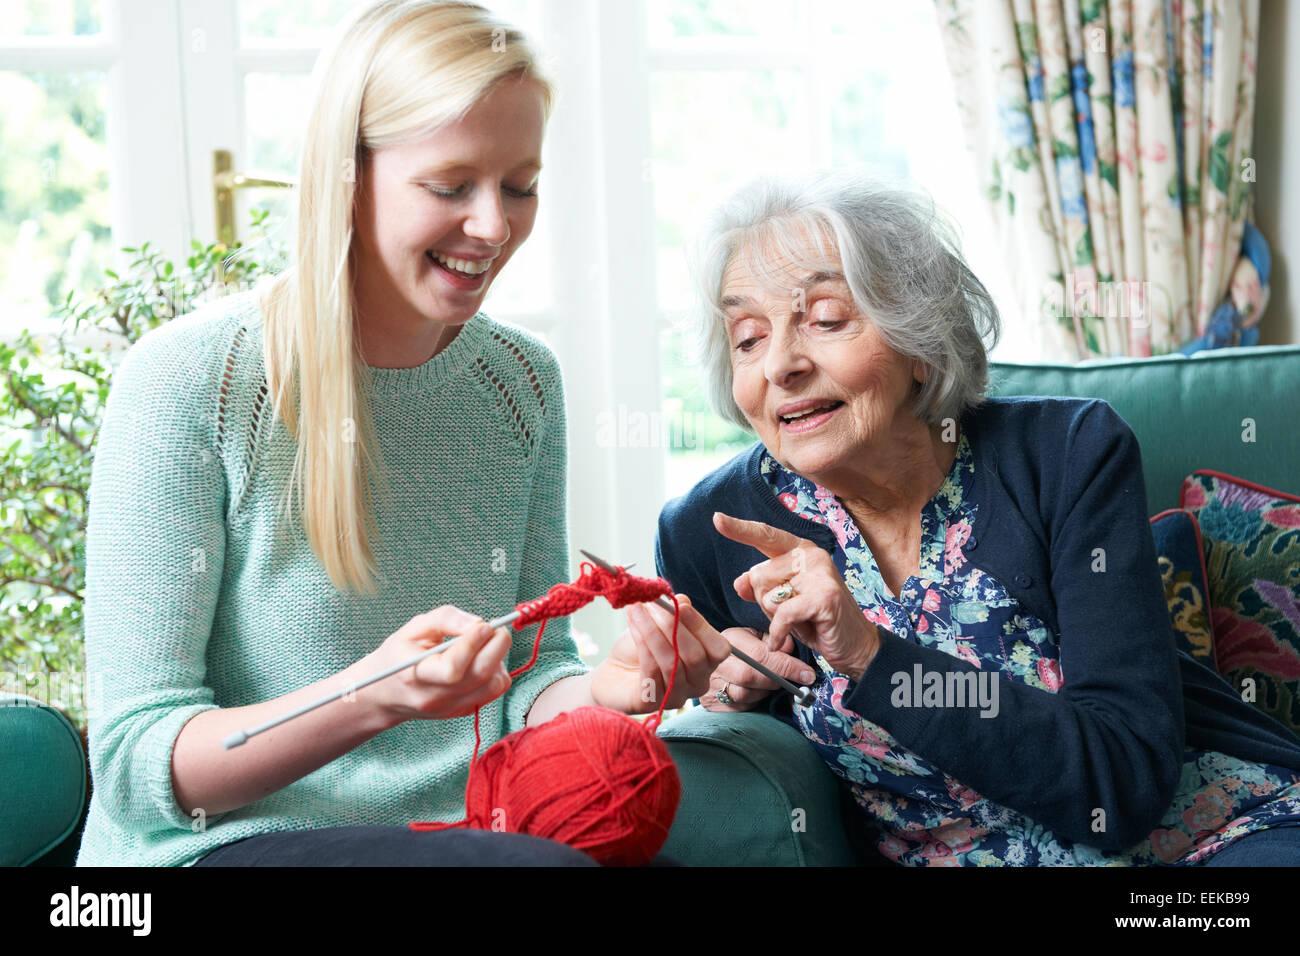 Abuela mostrando nieta cómo tejer Imagen De Stock